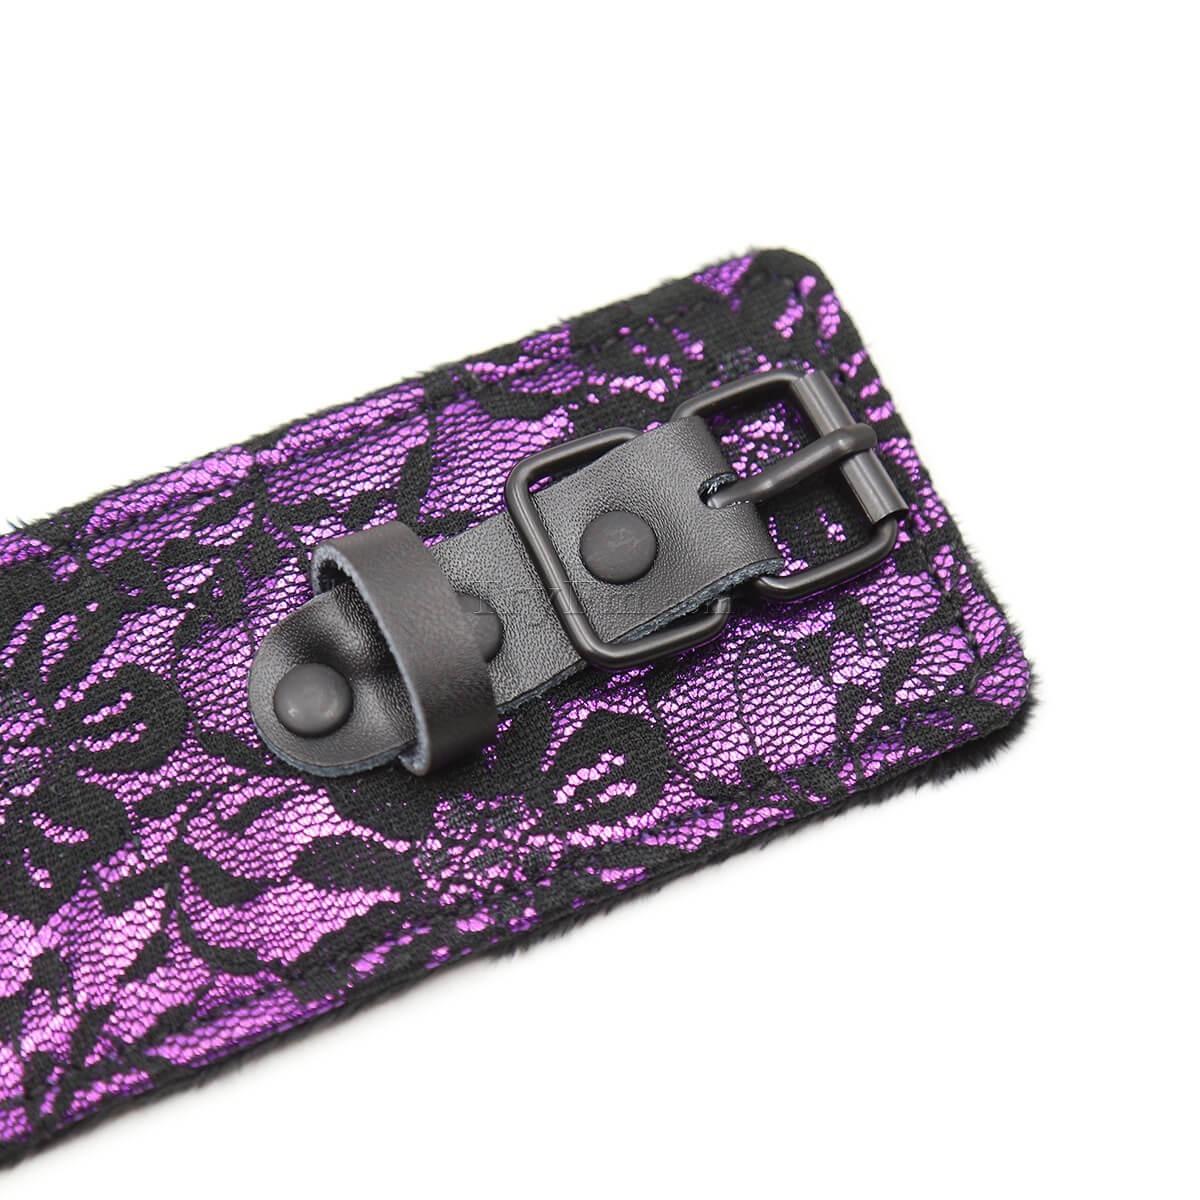 6-lace-kinky-set-purple14.jpg